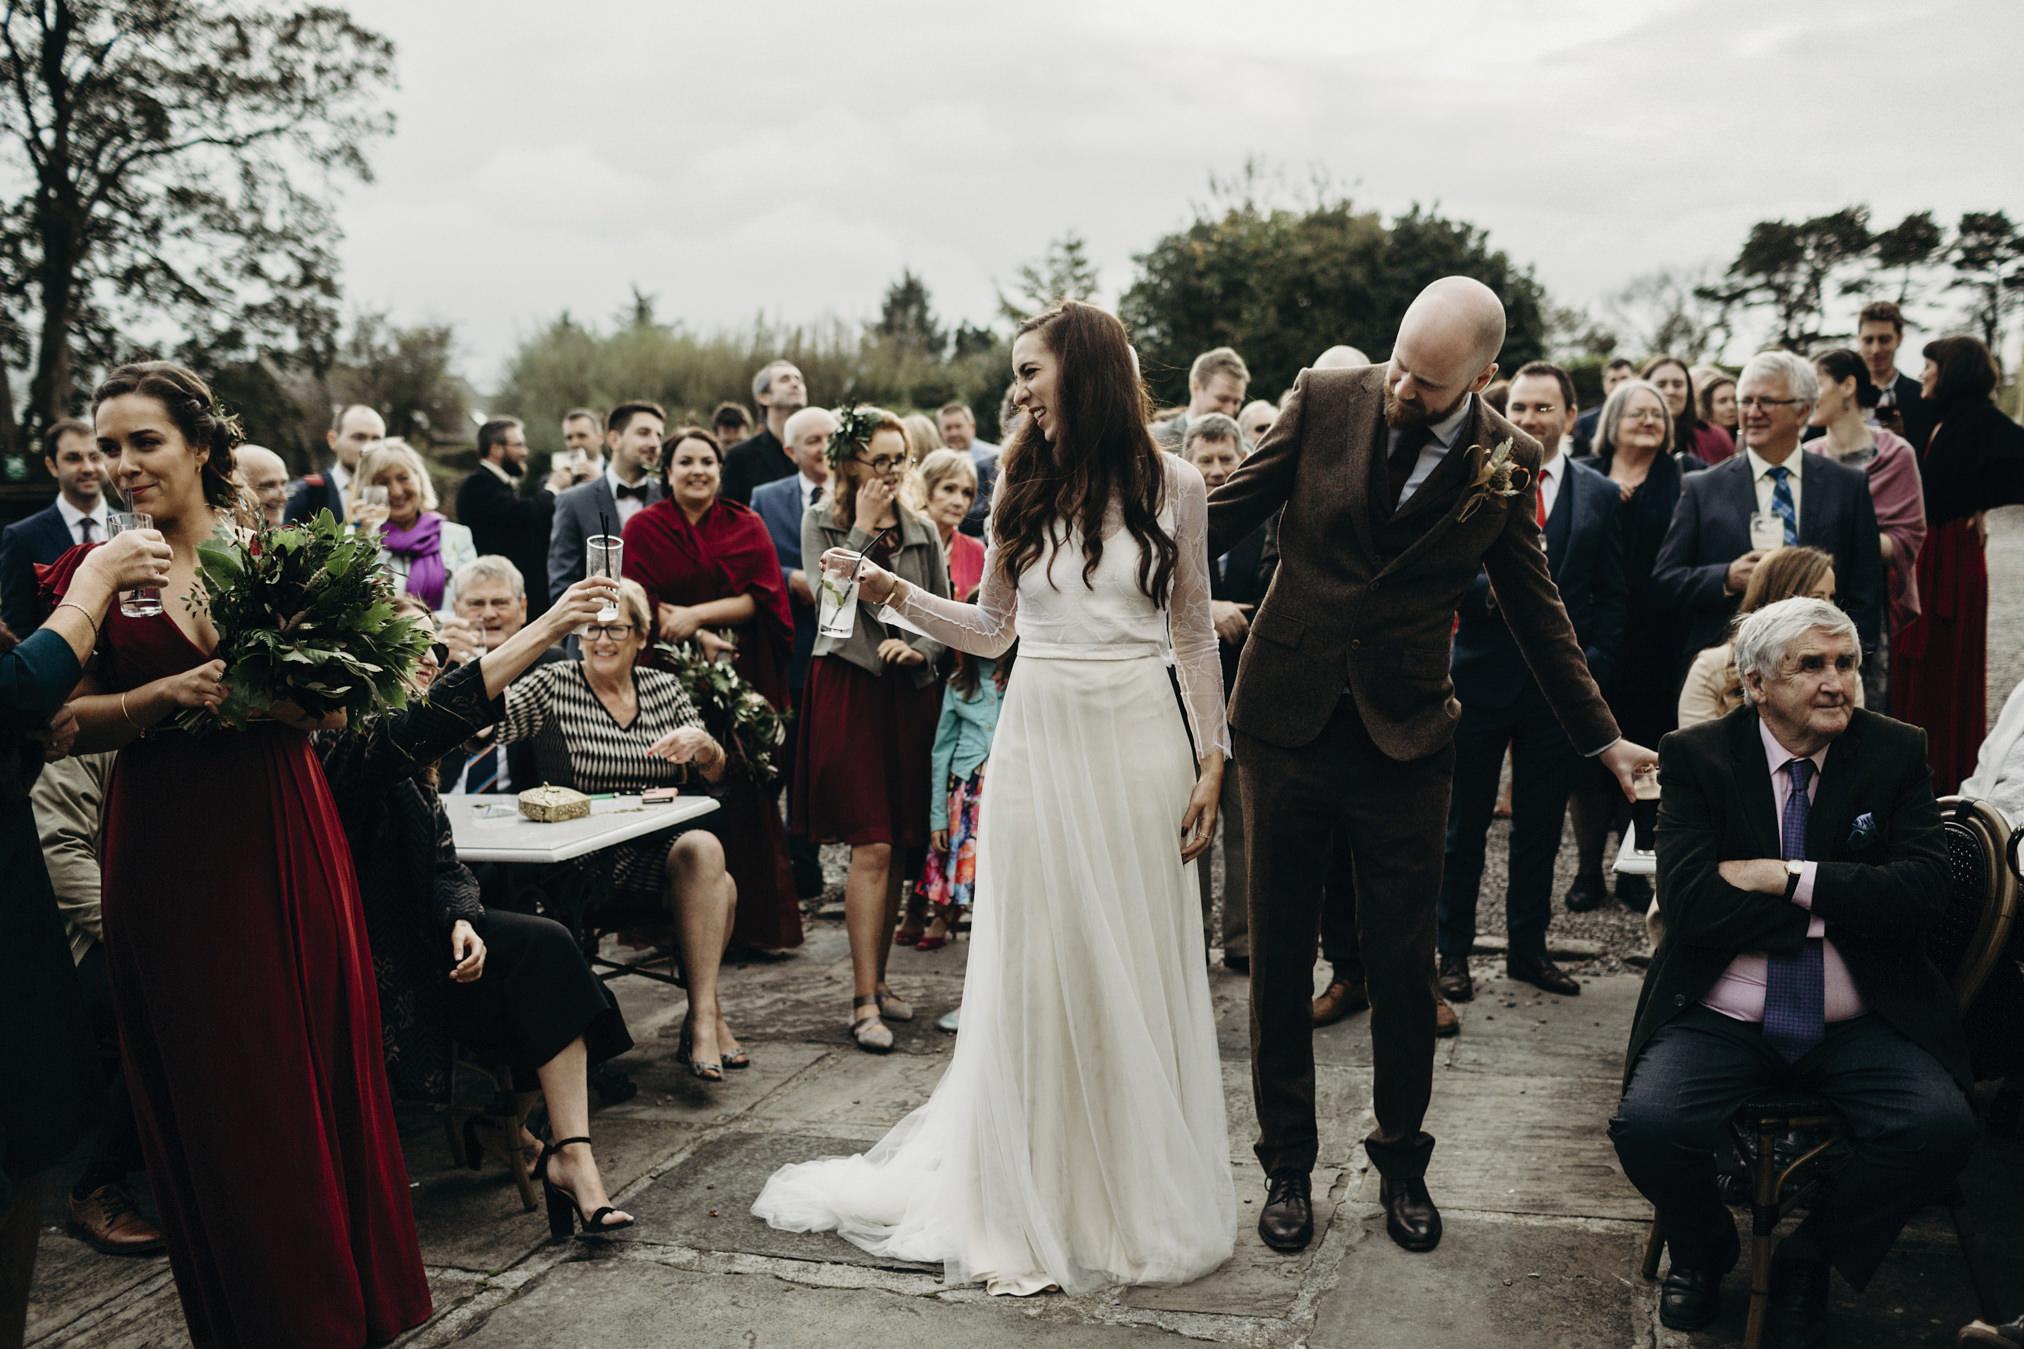 wedding photographer irelandGraciela Vilagudin Photography635.jpg